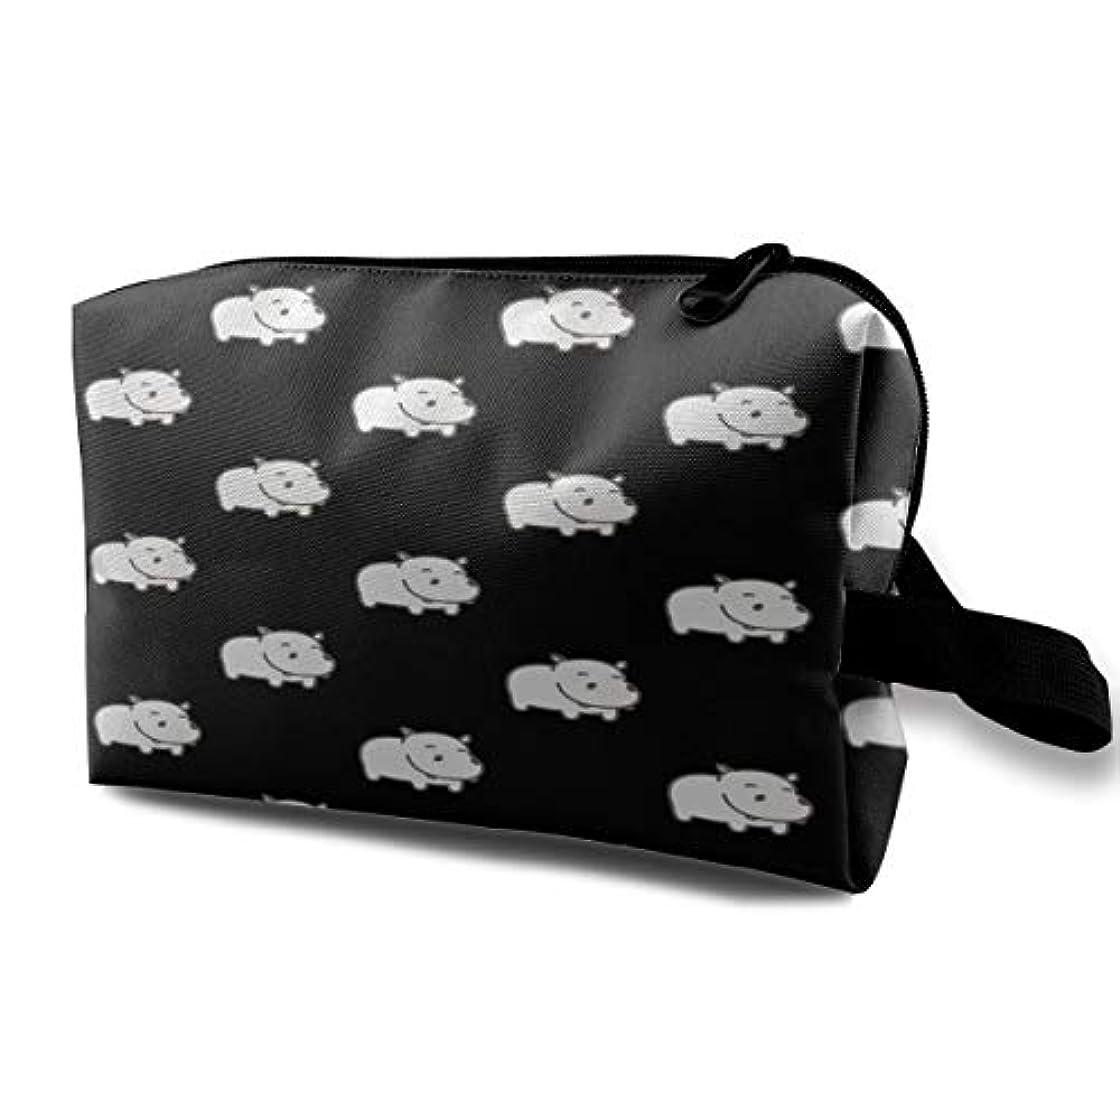 カプラー結婚するチャットBaby Hippo Pattern 収納ポーチ 化粧ポーチ 大容量 軽量 耐久性 ハンドル付持ち運び便利。入れ 自宅?出張?旅行?アウトドア撮影などに対応。メンズ レディース トラベルグッズ